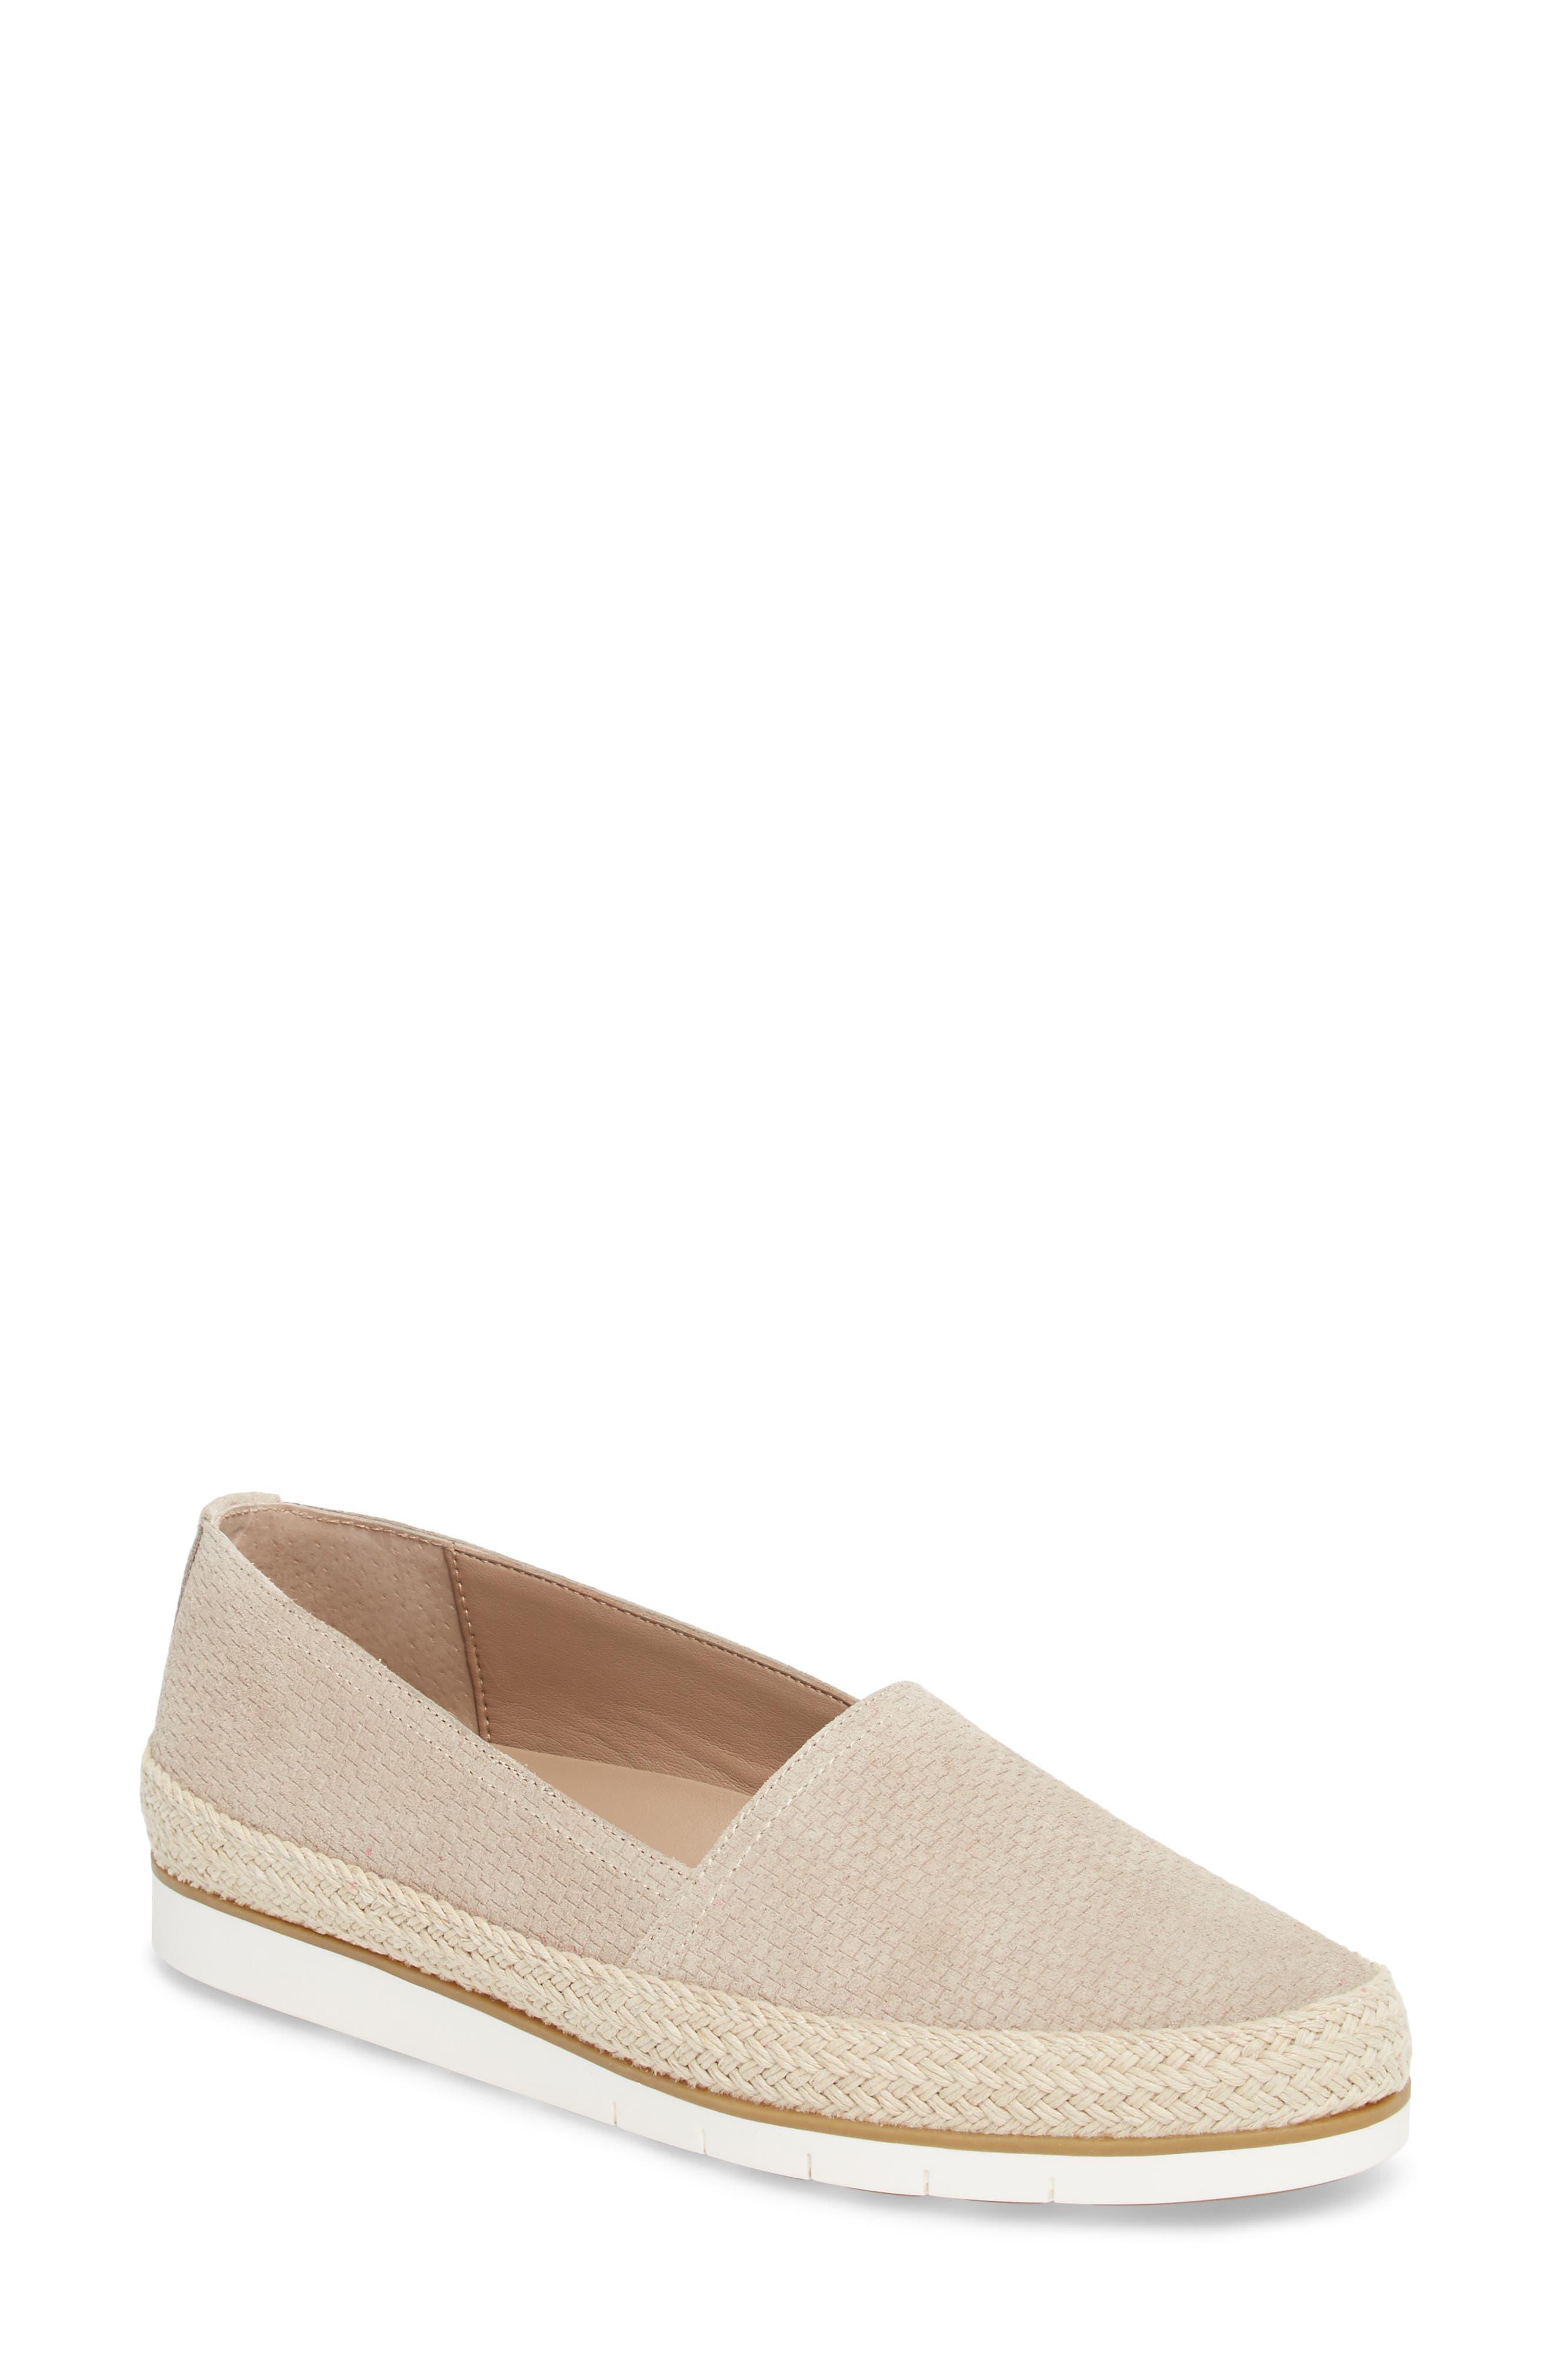 Donald Pliner Women's Palm Slip-On Sneaker RUOR6